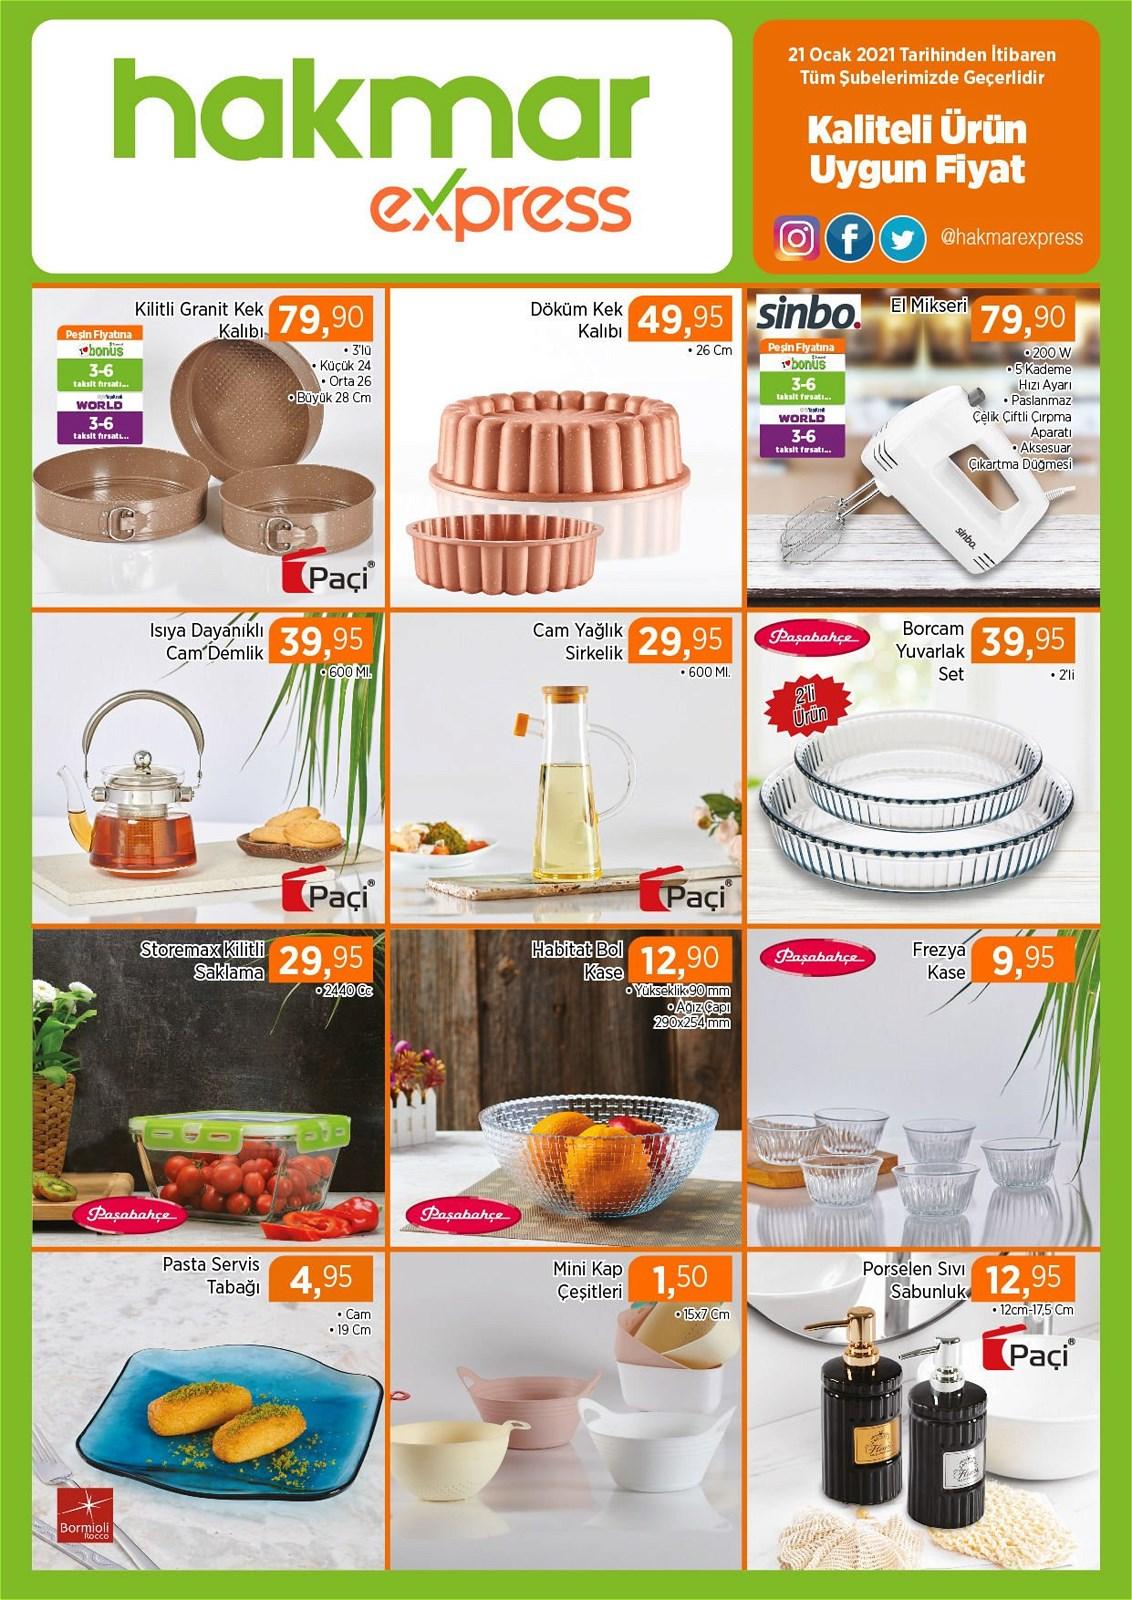 21.01.2021 Hakmar Express broşürü 1. sayfa